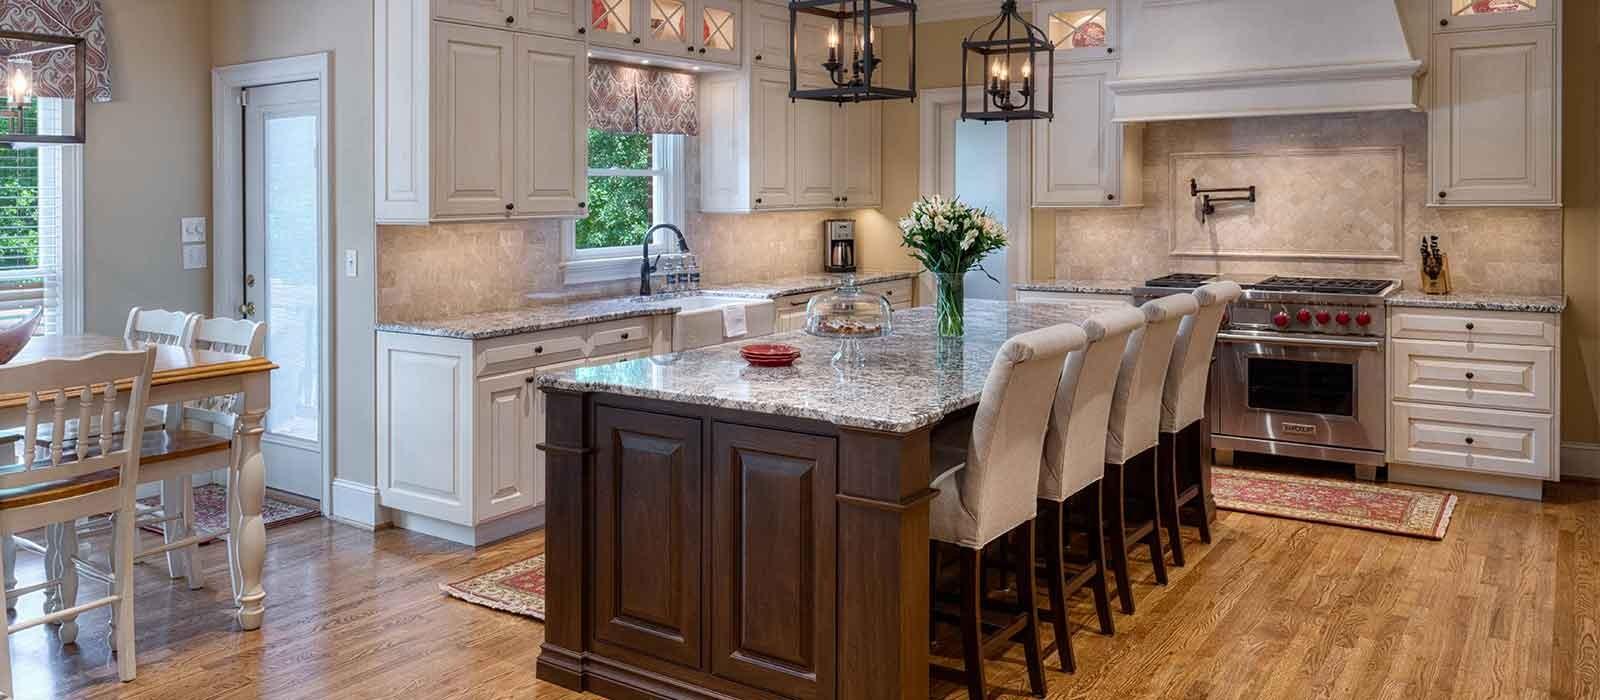 Kitchen And Bath Austin Texas - Best Home Interior •